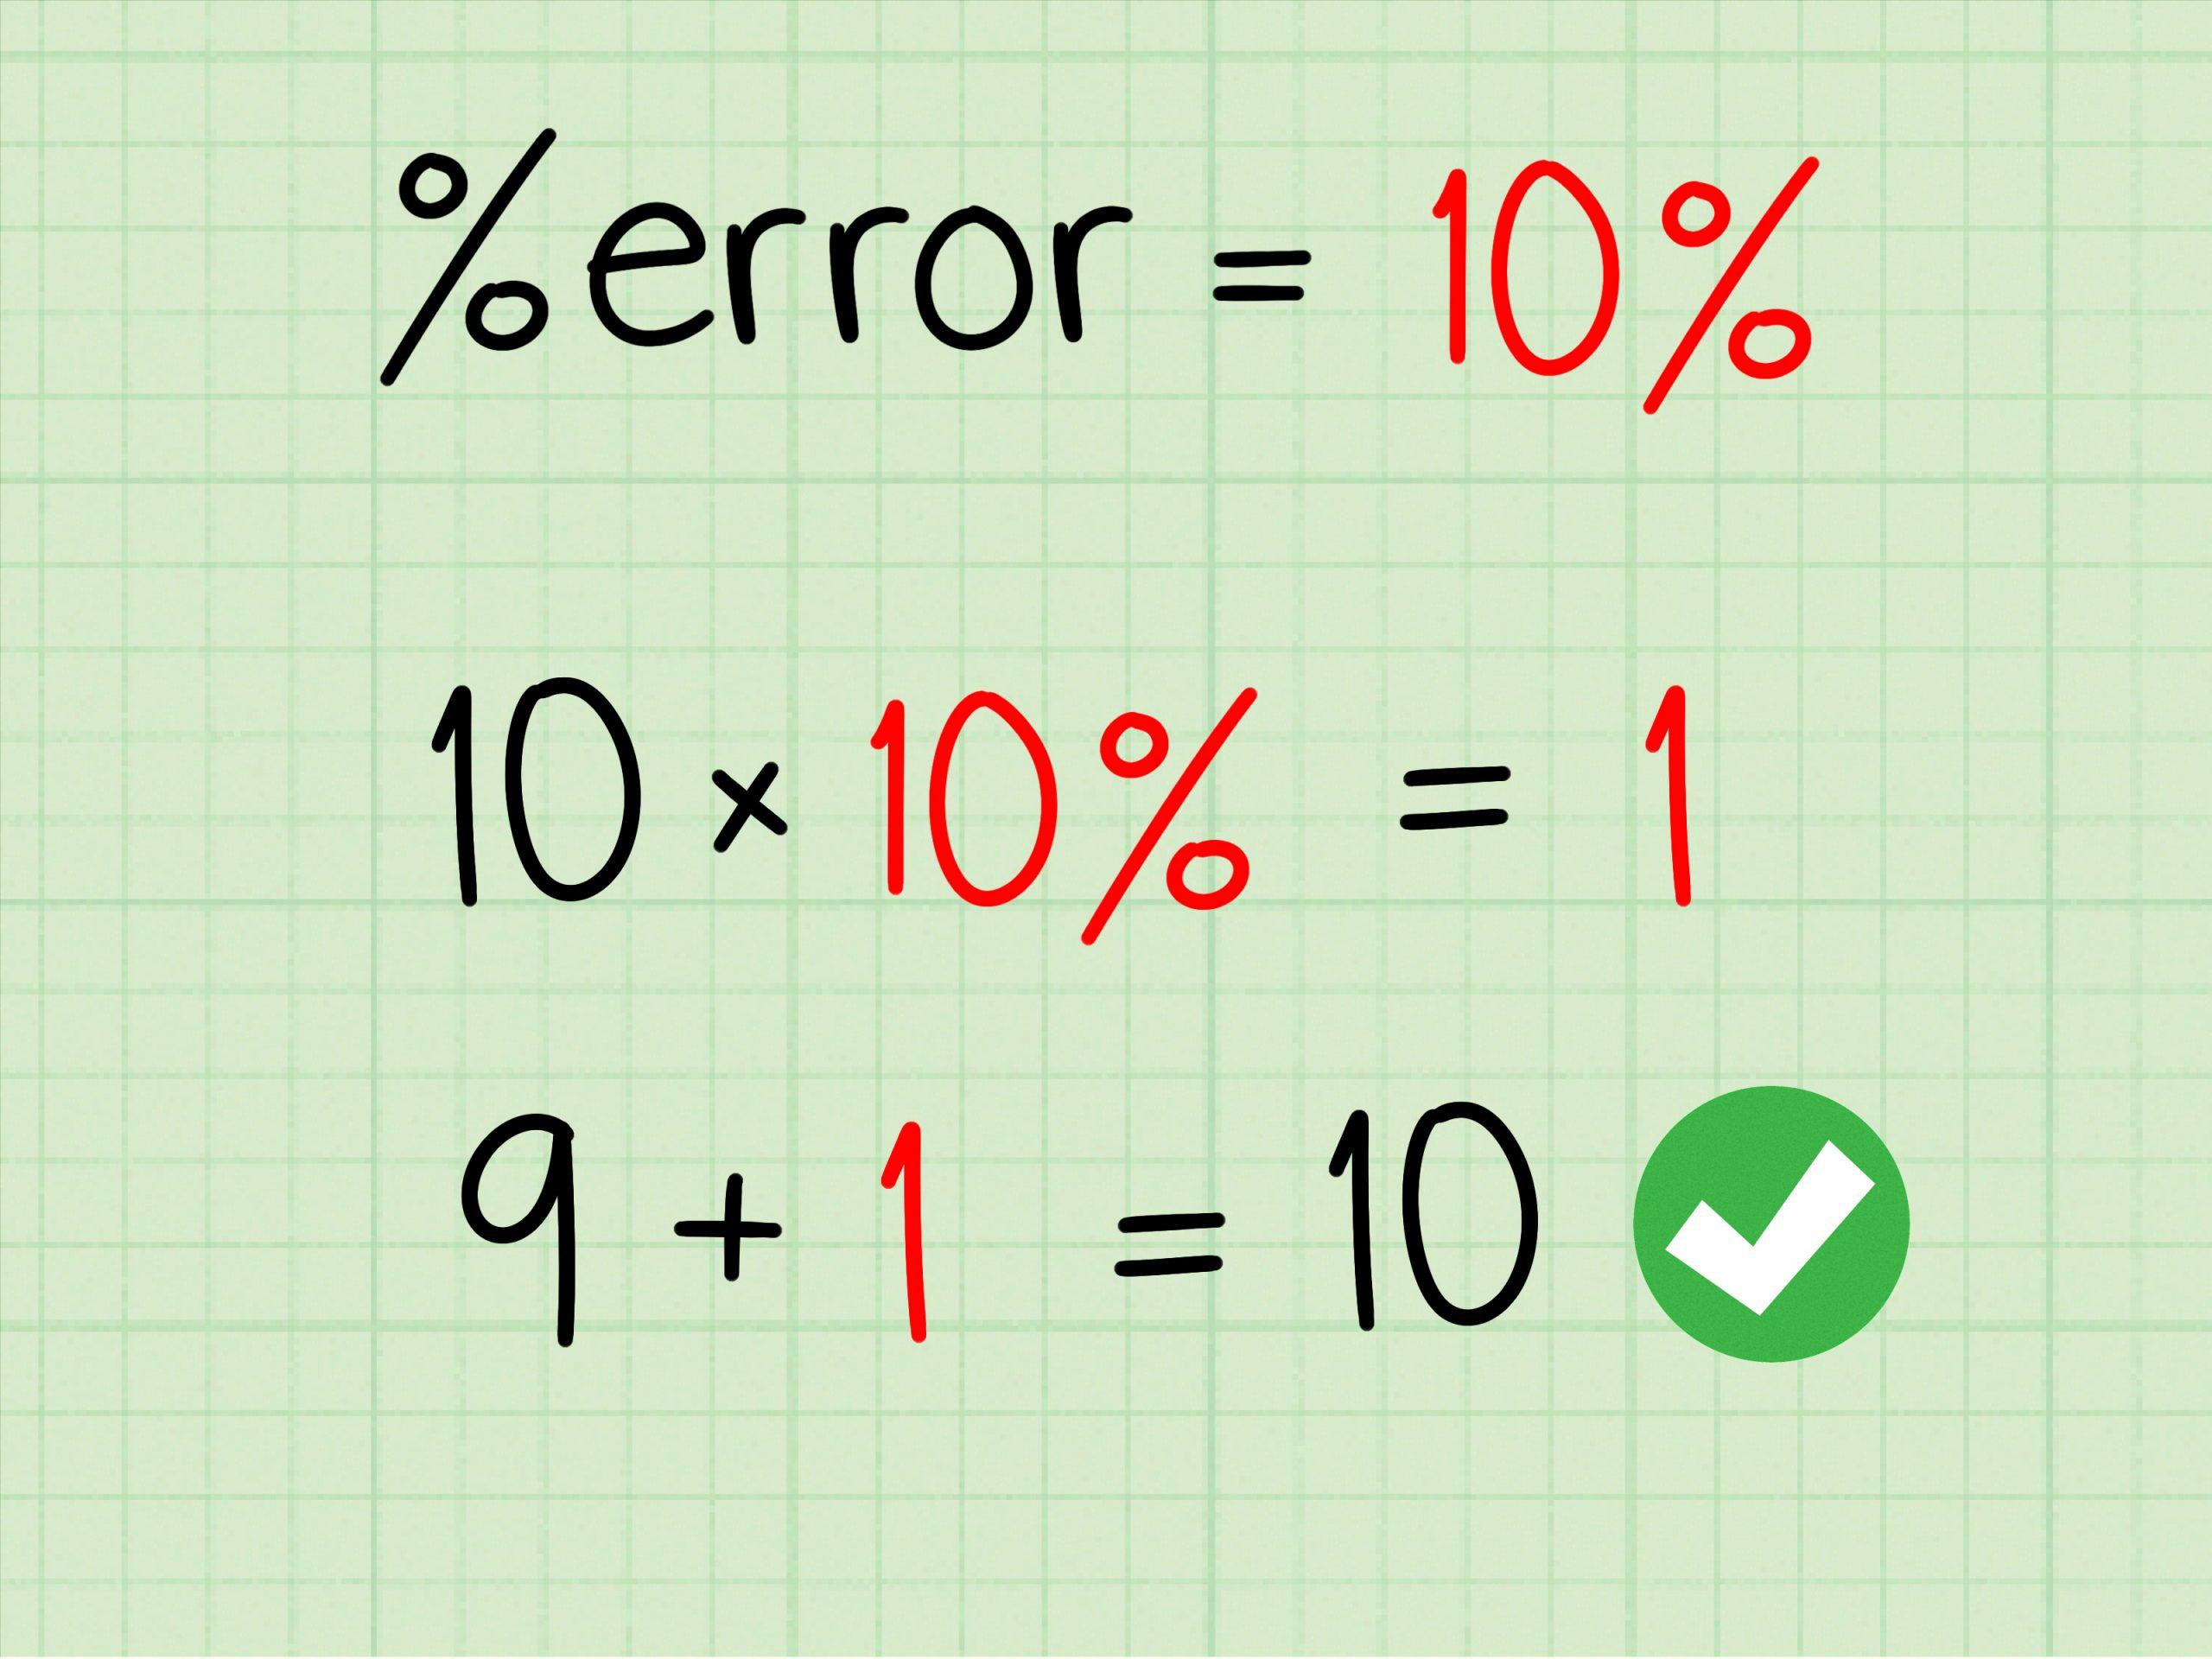 Comment Calculer Un Pourcentage D'erreur: 7 Étapes pour Trouver Les 7 Erreurs